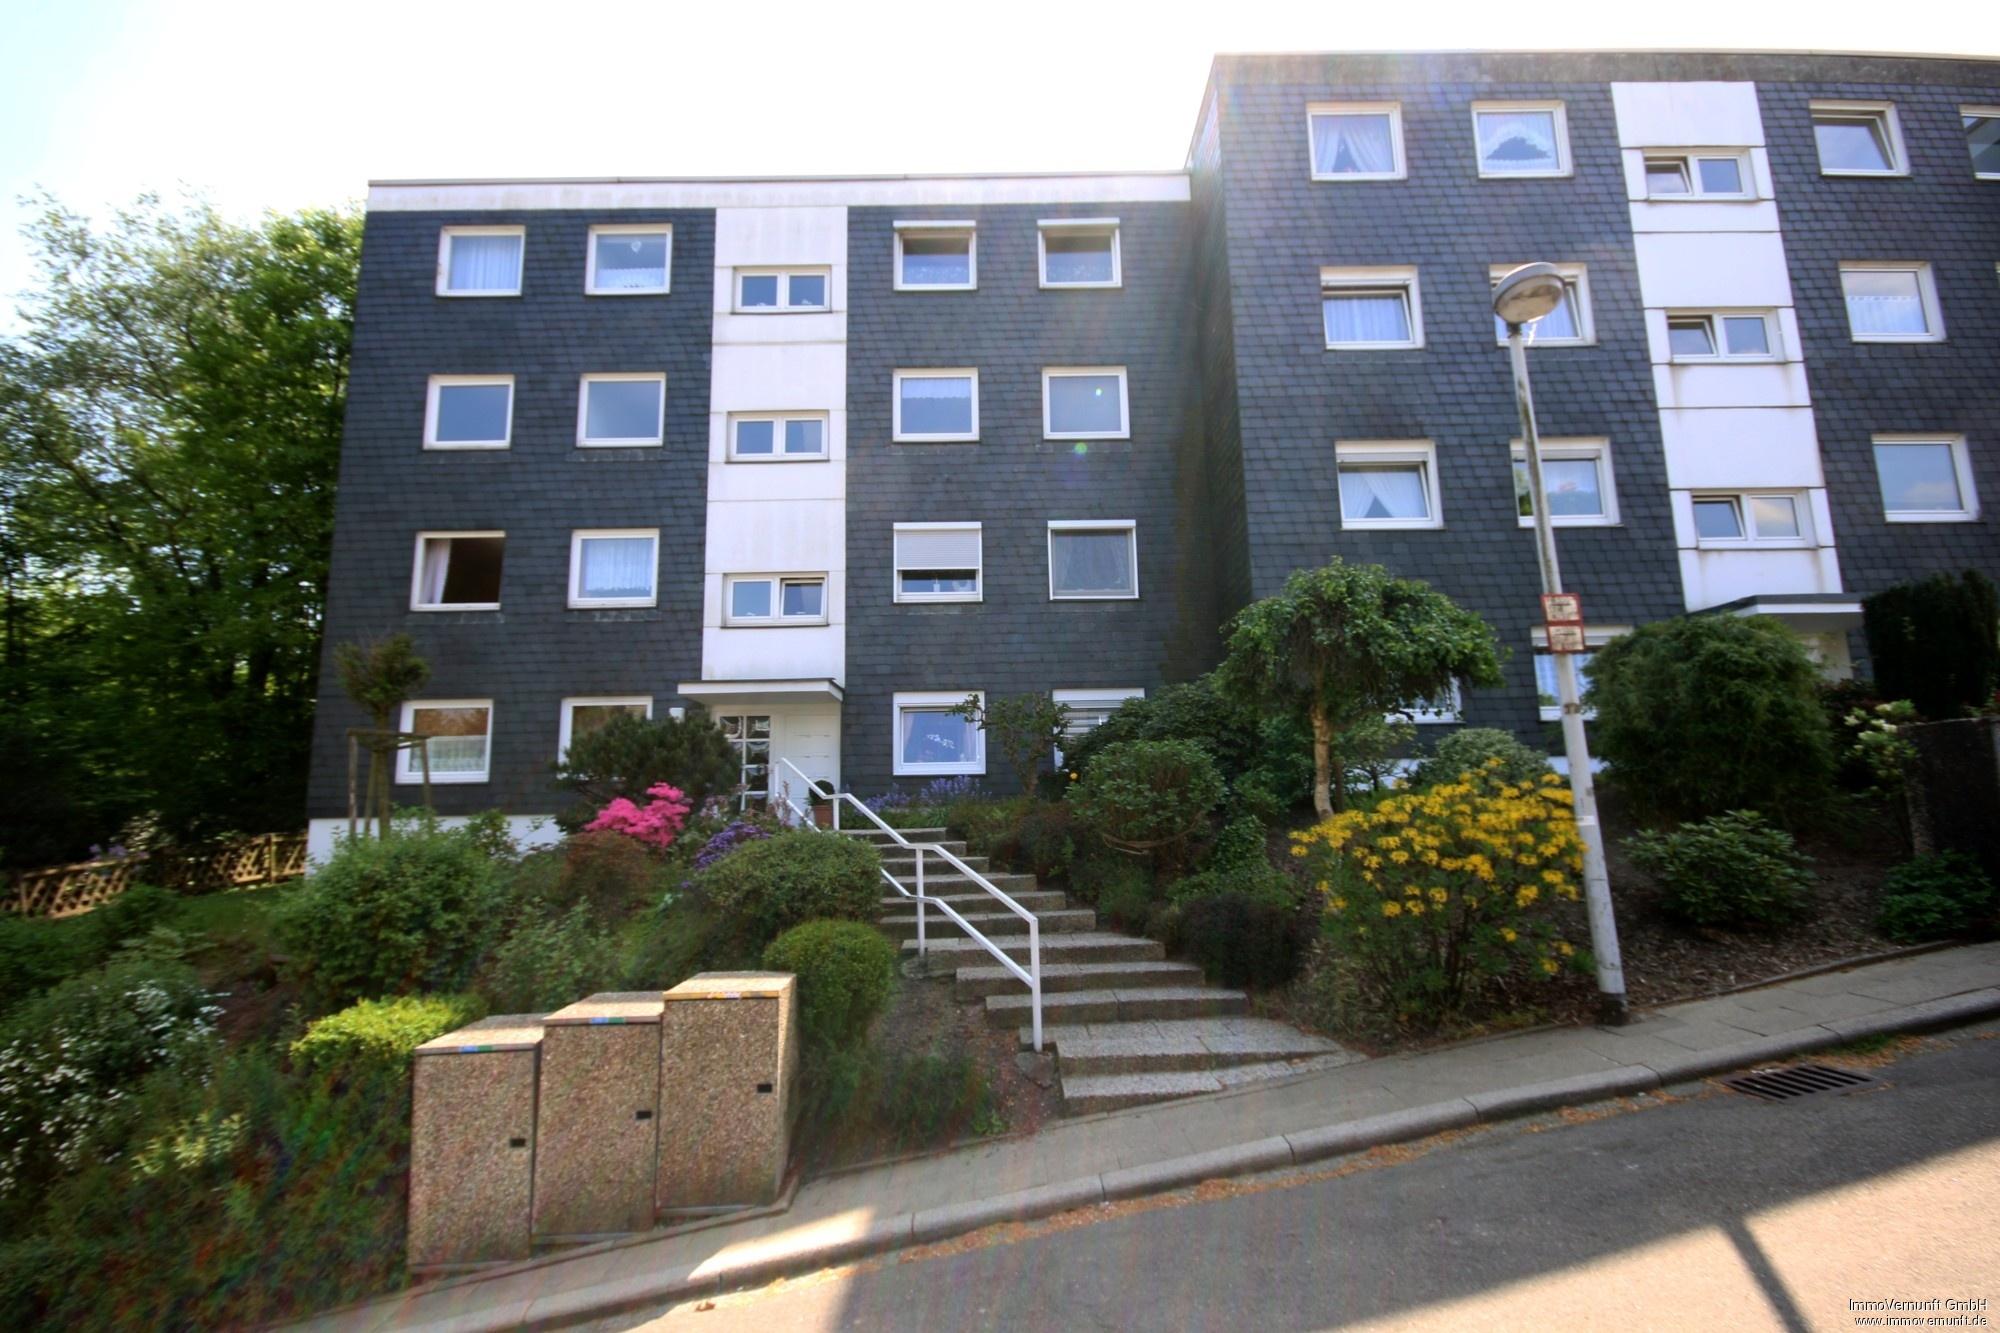 """"""" Gut geschnittene 80 m² große Wohnung mit Balkon in Mülheim Heißen"""" 45470 Mülheim an der Ruhr, Etagenwohnung"""